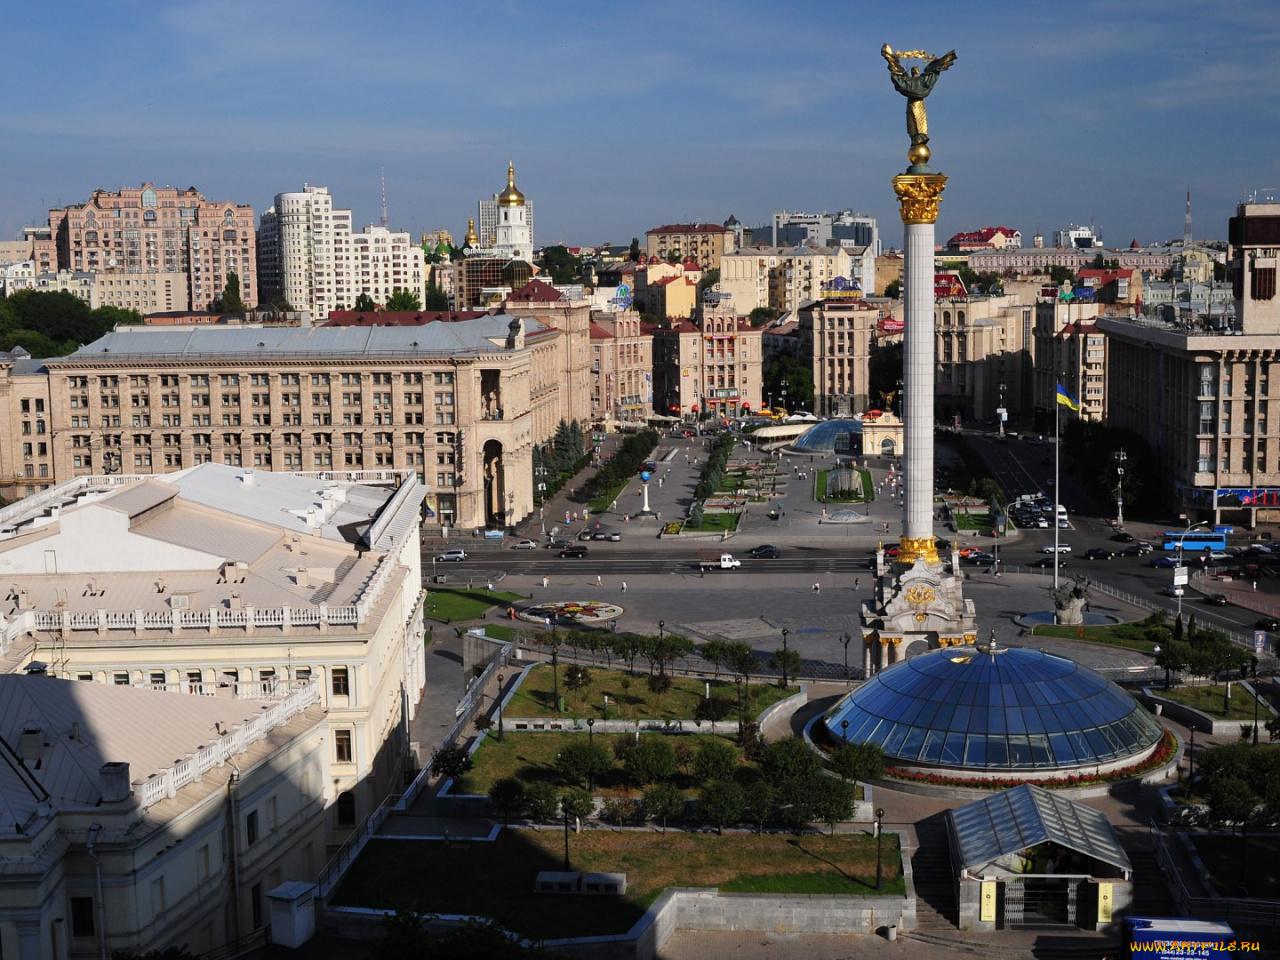 Картинки городов украины, класс